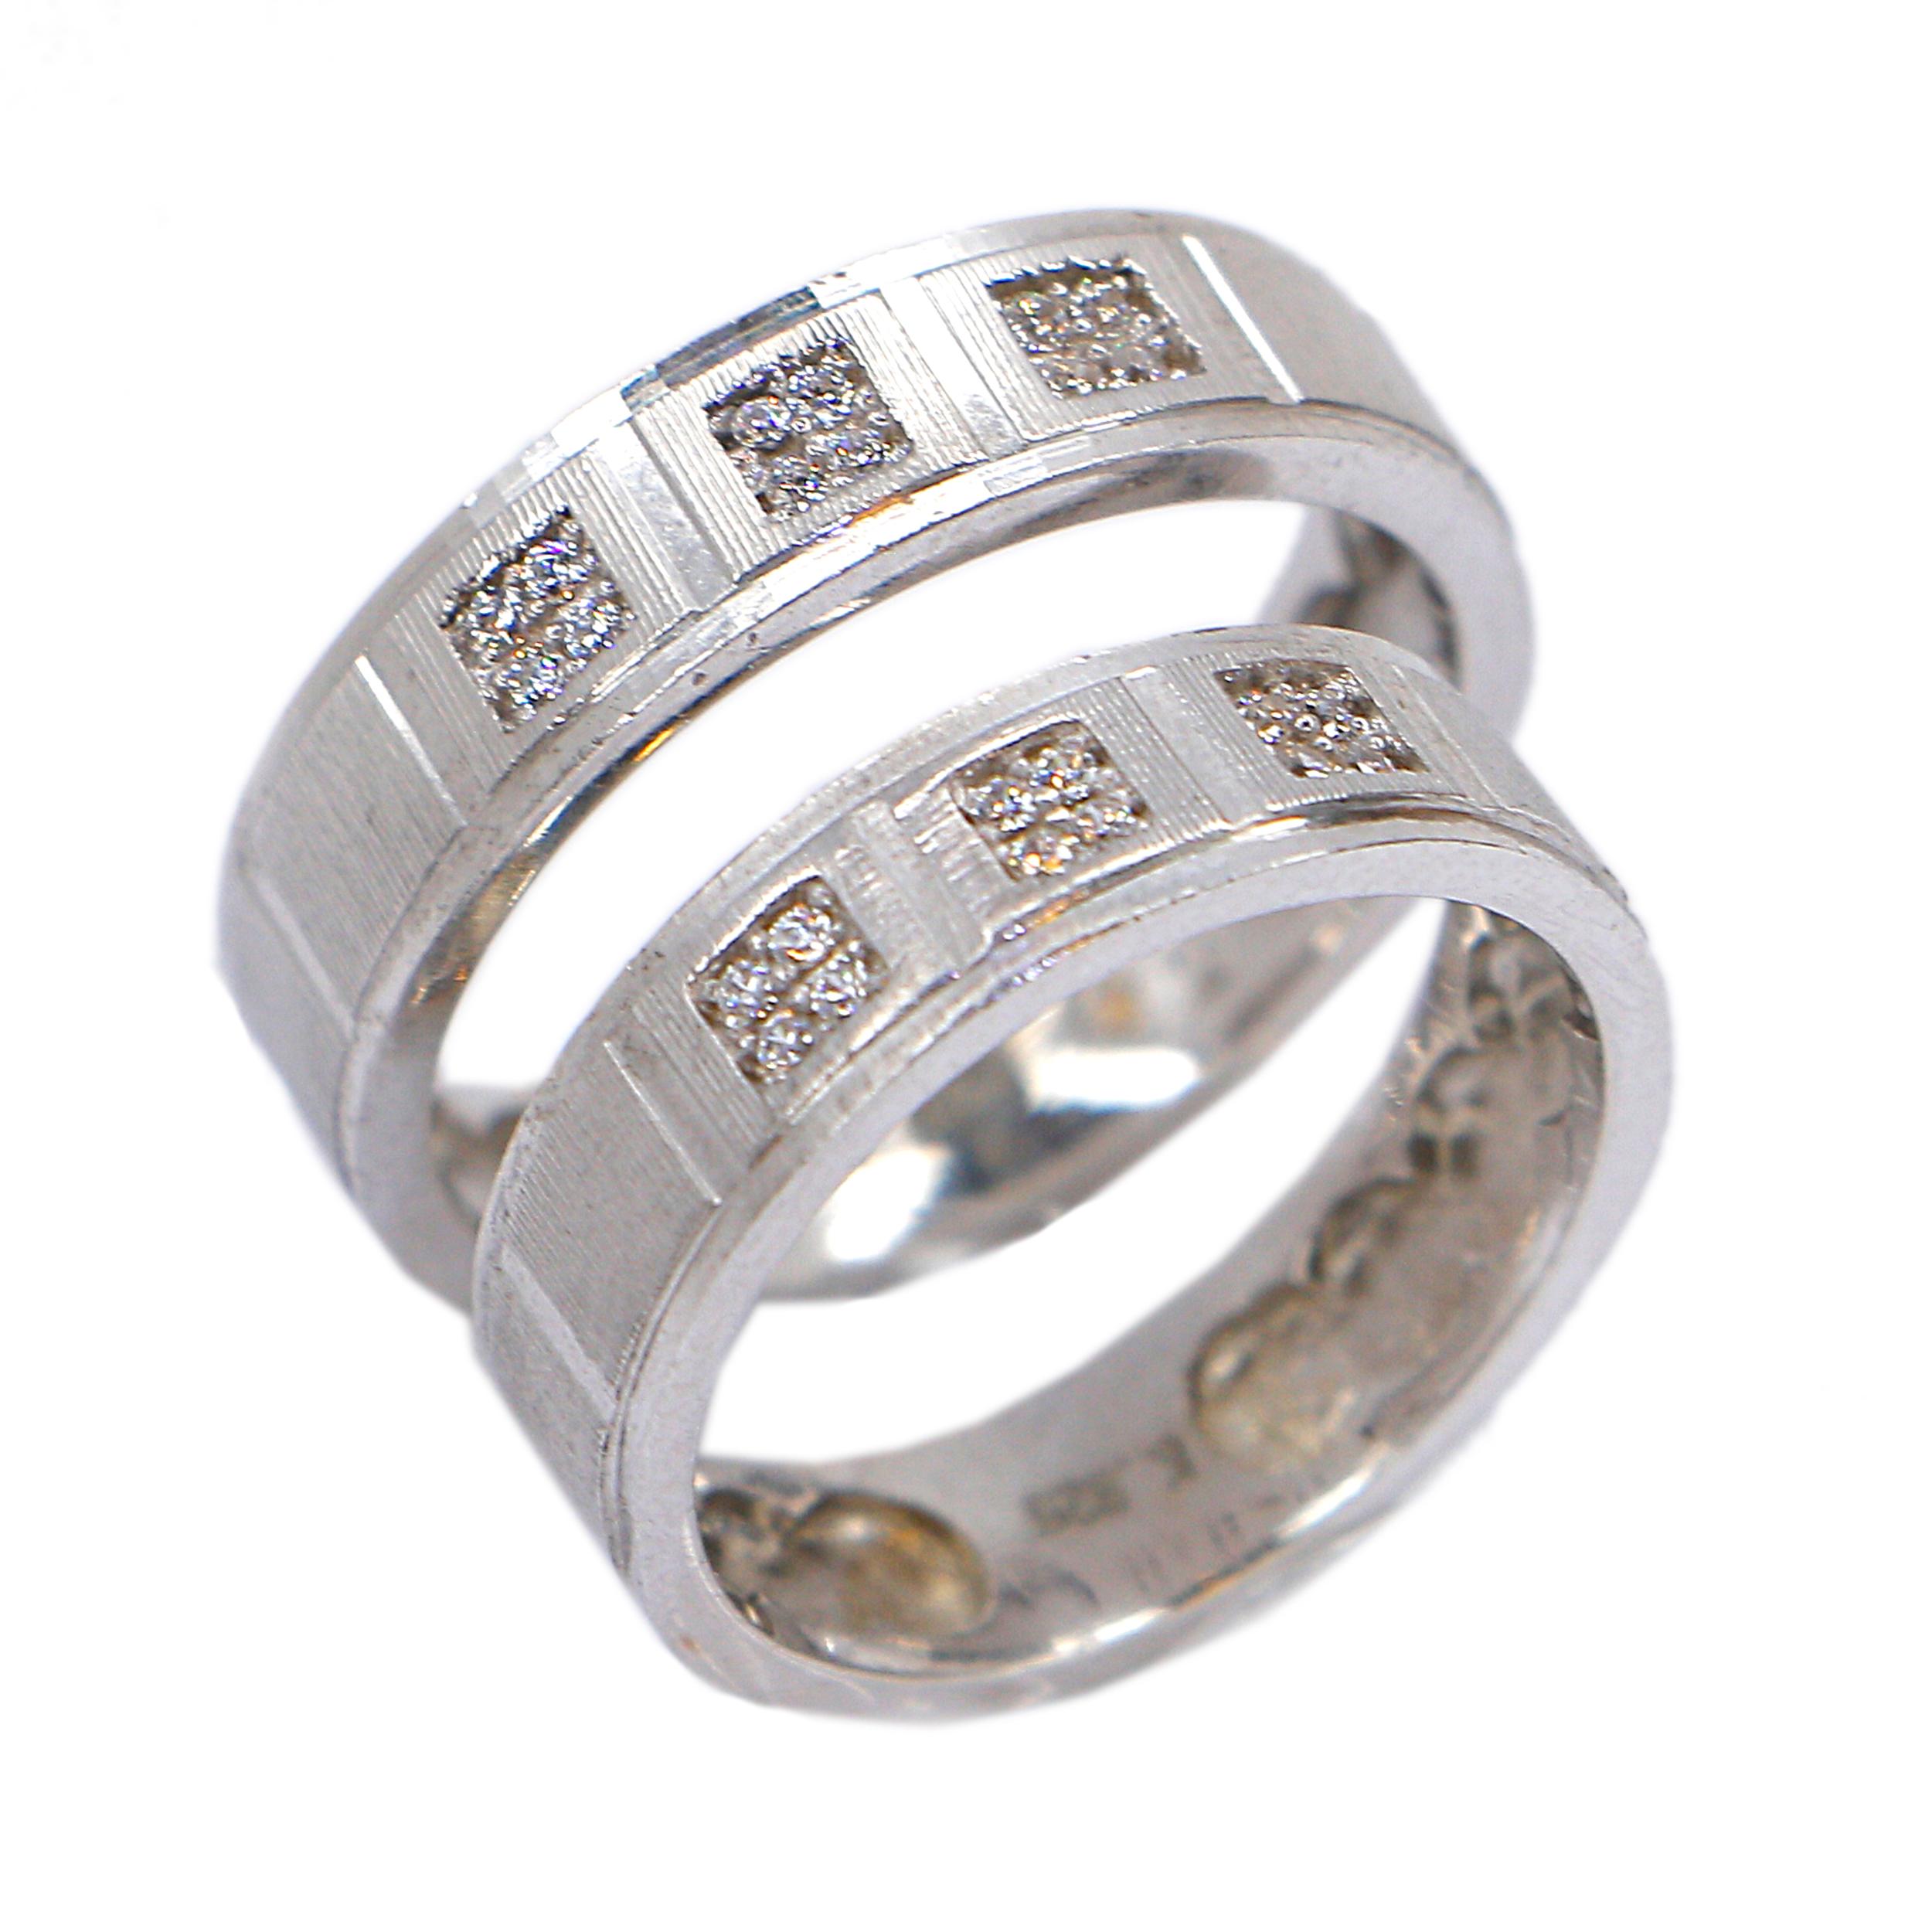 ست انگشتر نقره زنانه و مردانه مدل نگین دار کد RS001